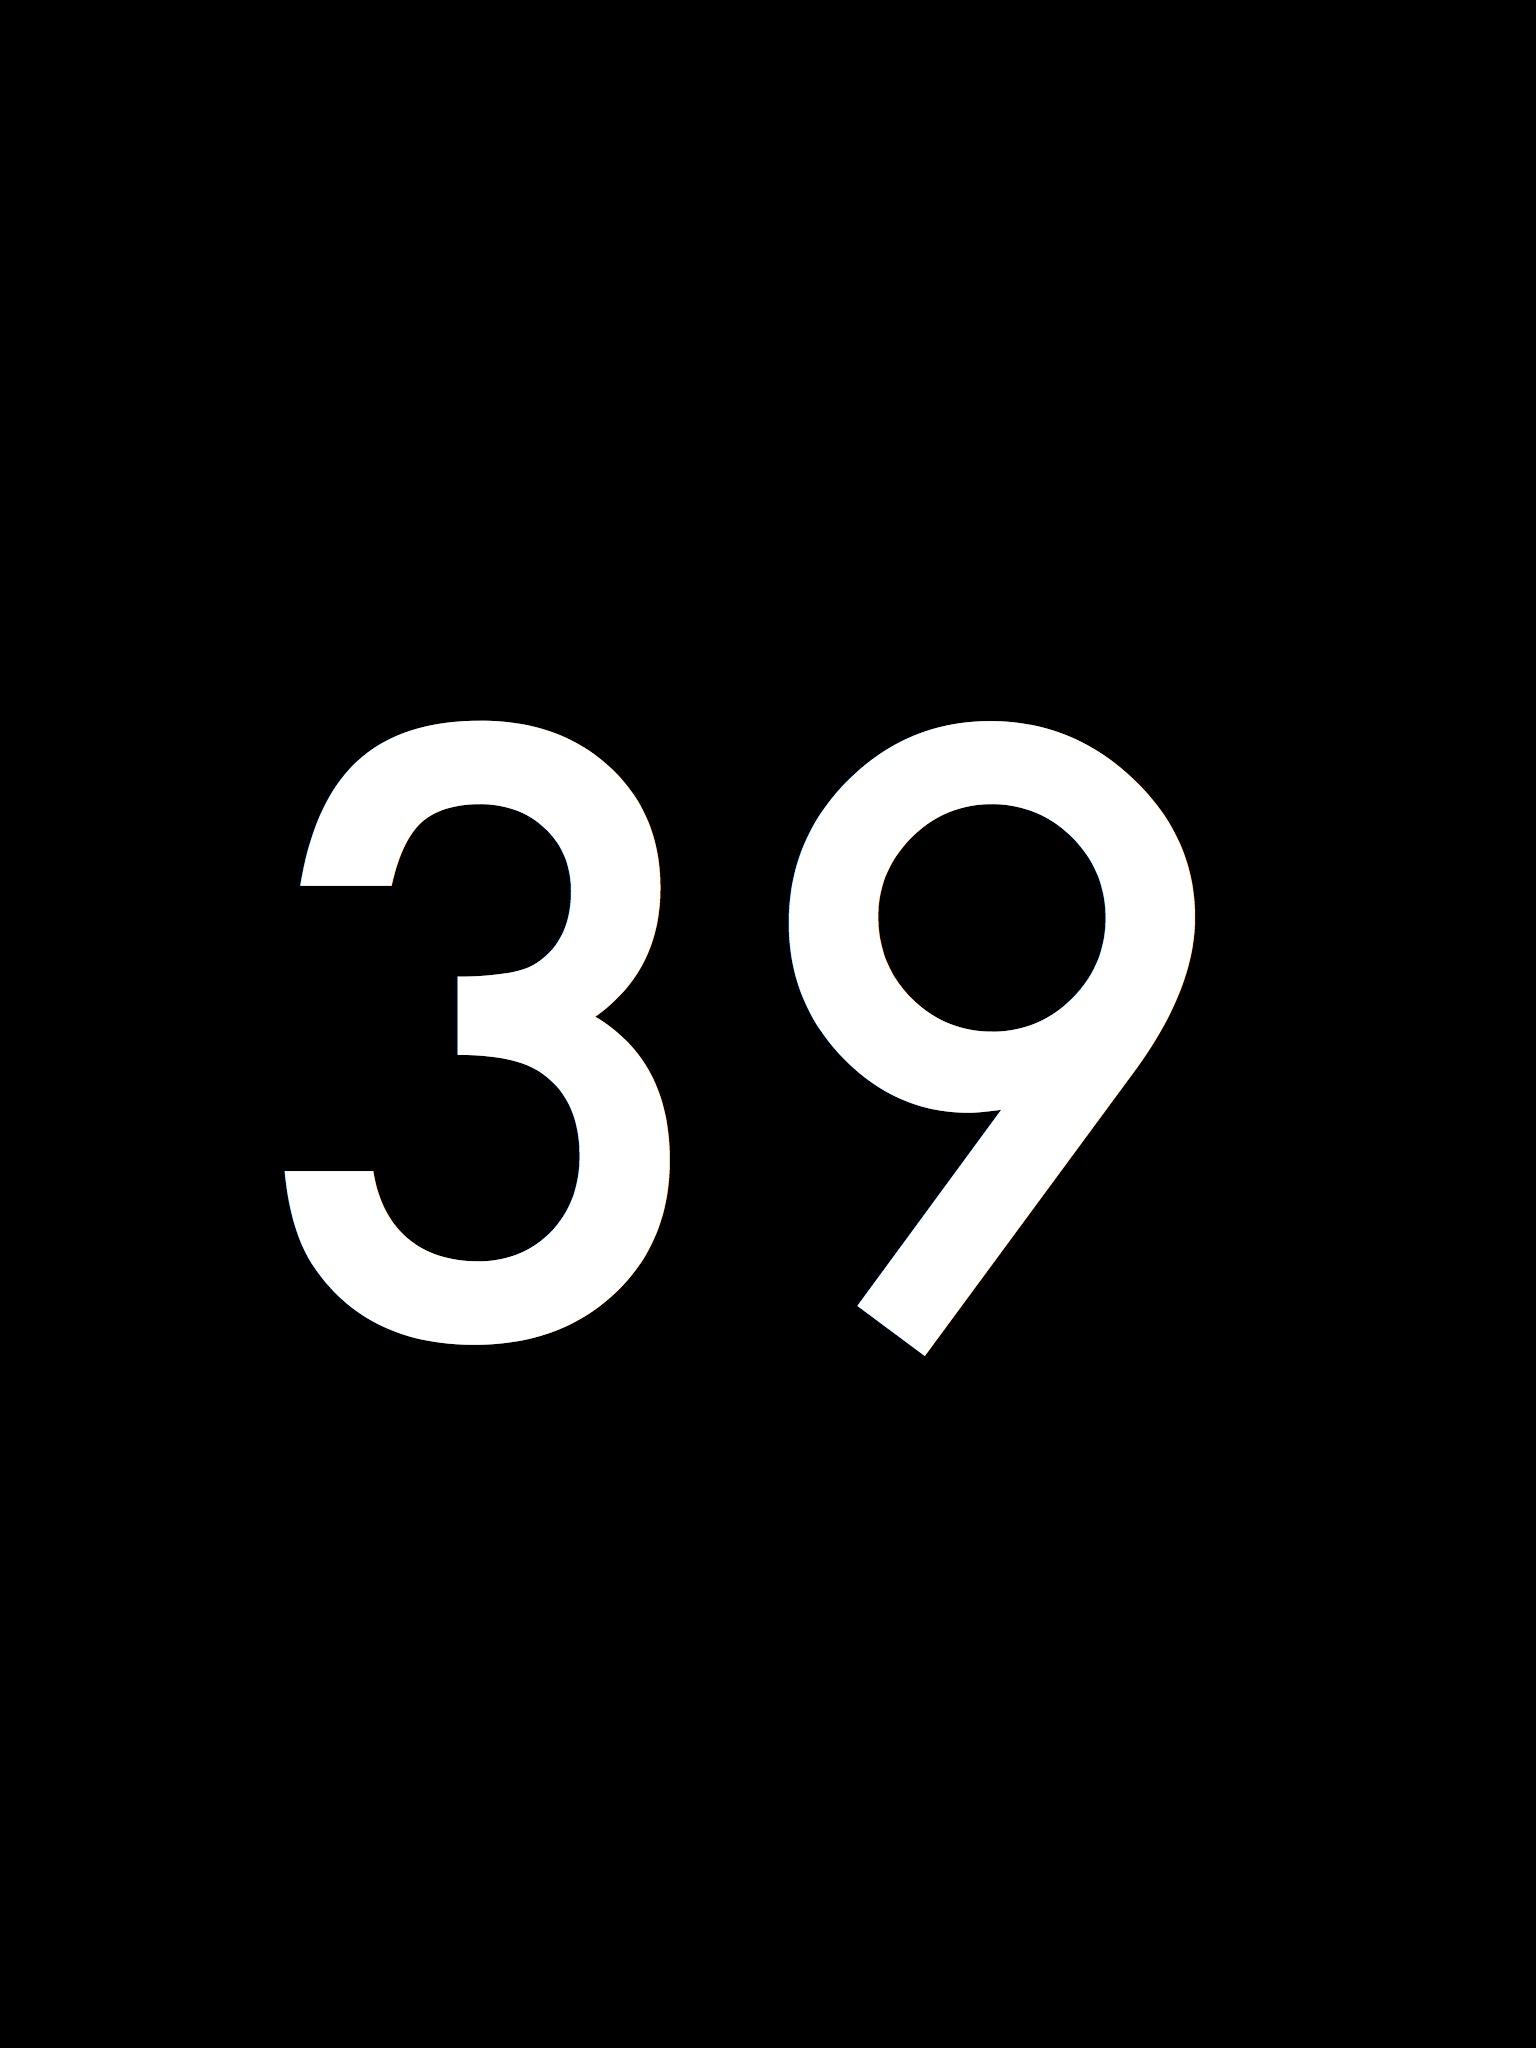 Black_Number.039.jpg